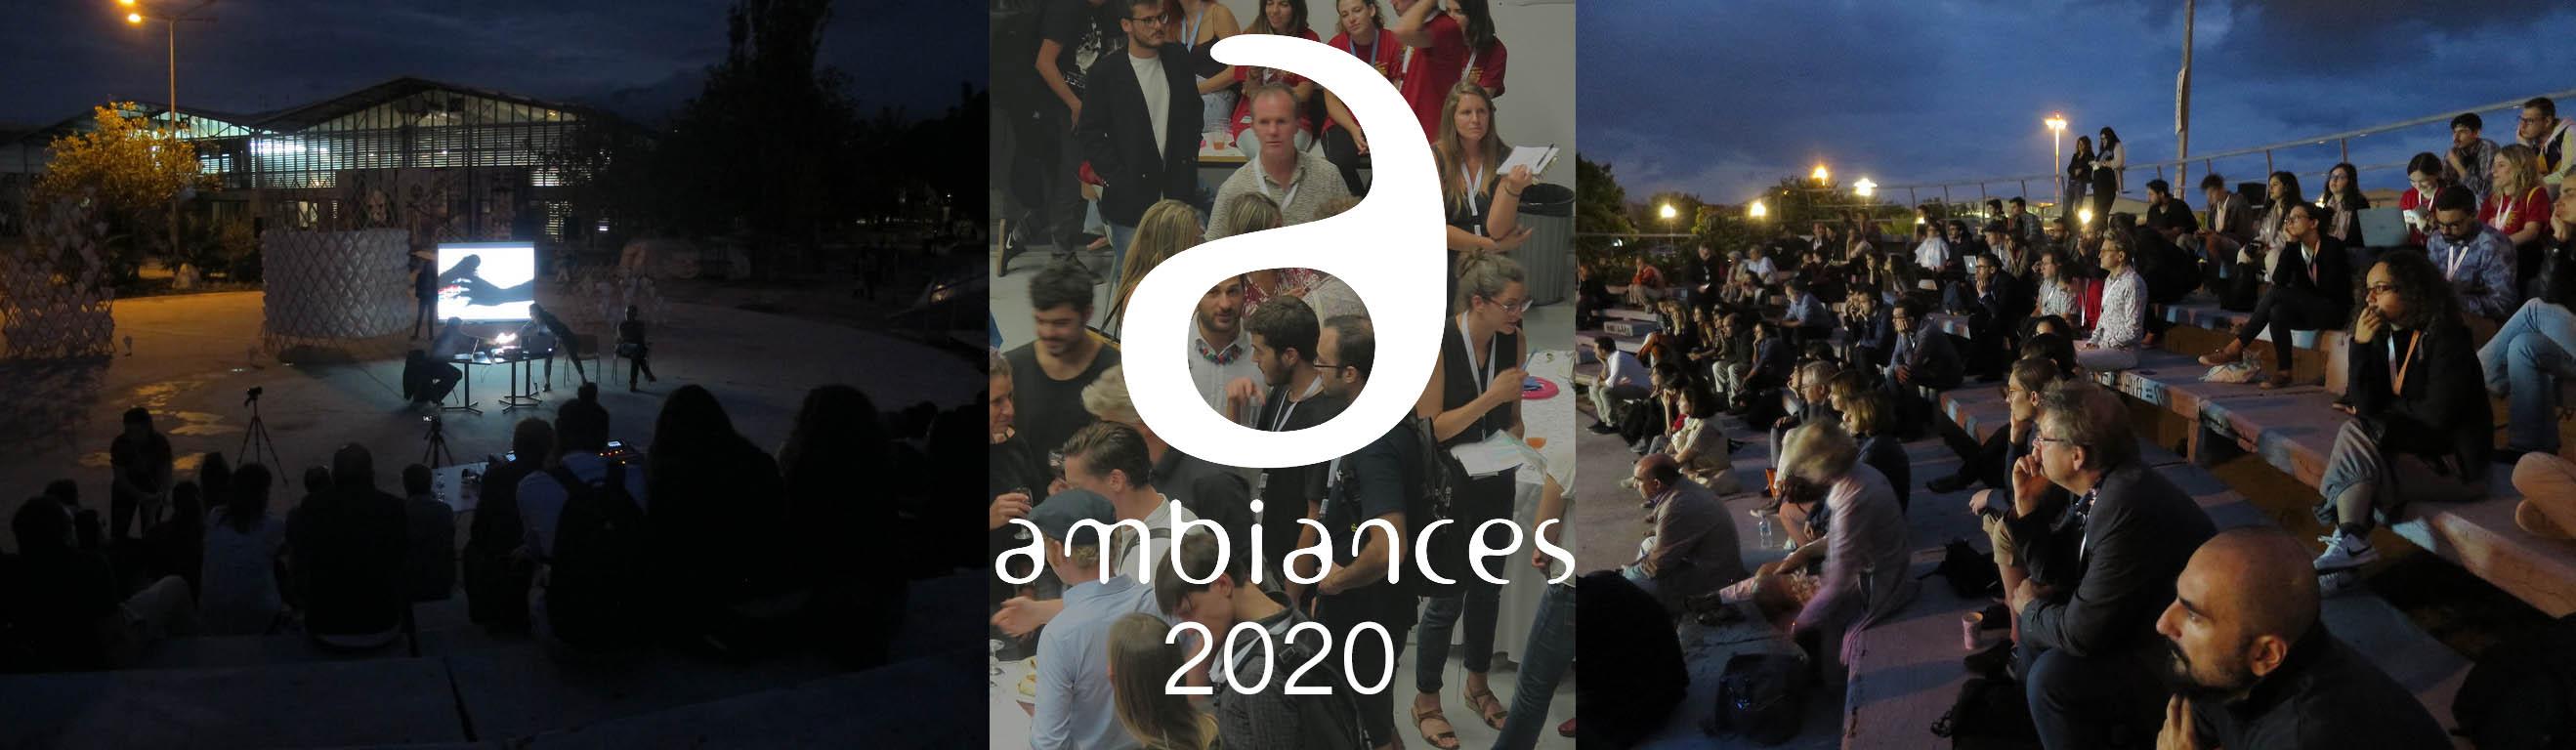 image ambiances 2020